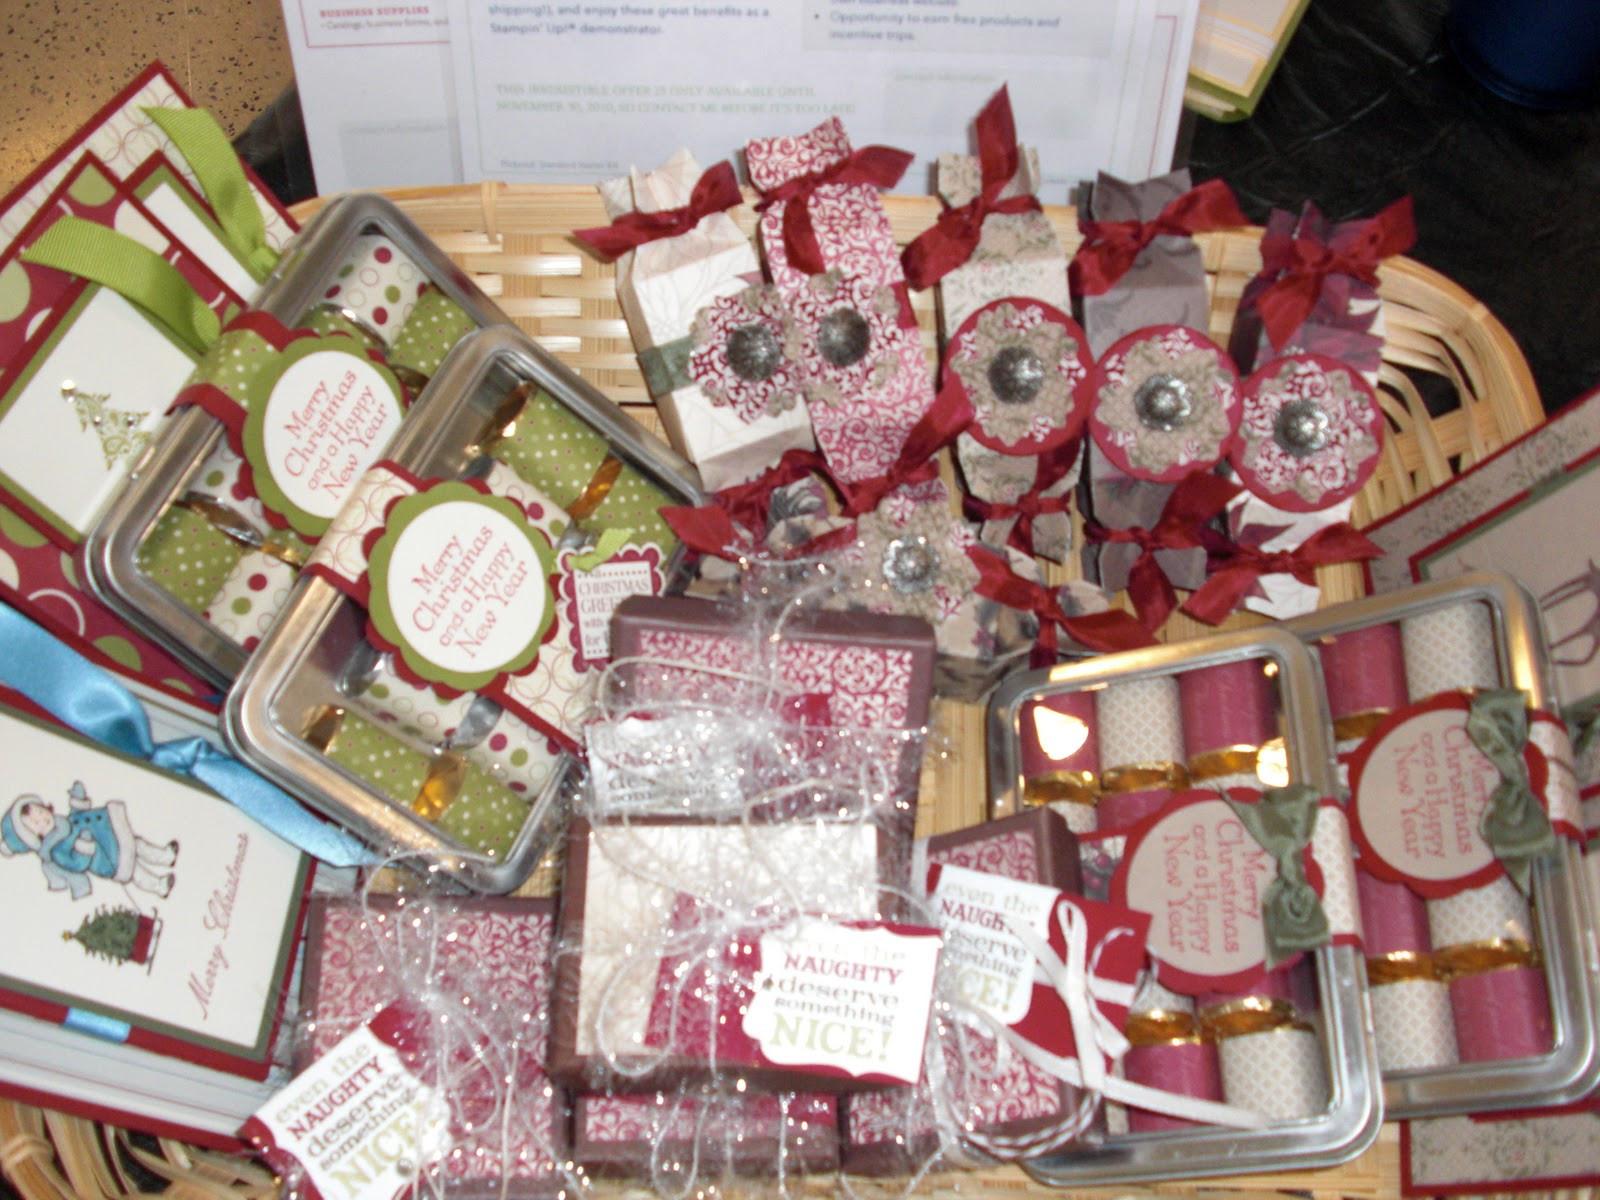 Christmas Craft Fair Ideas  Kris Kilkenny Craft Fair Goo s and Gift Ideas